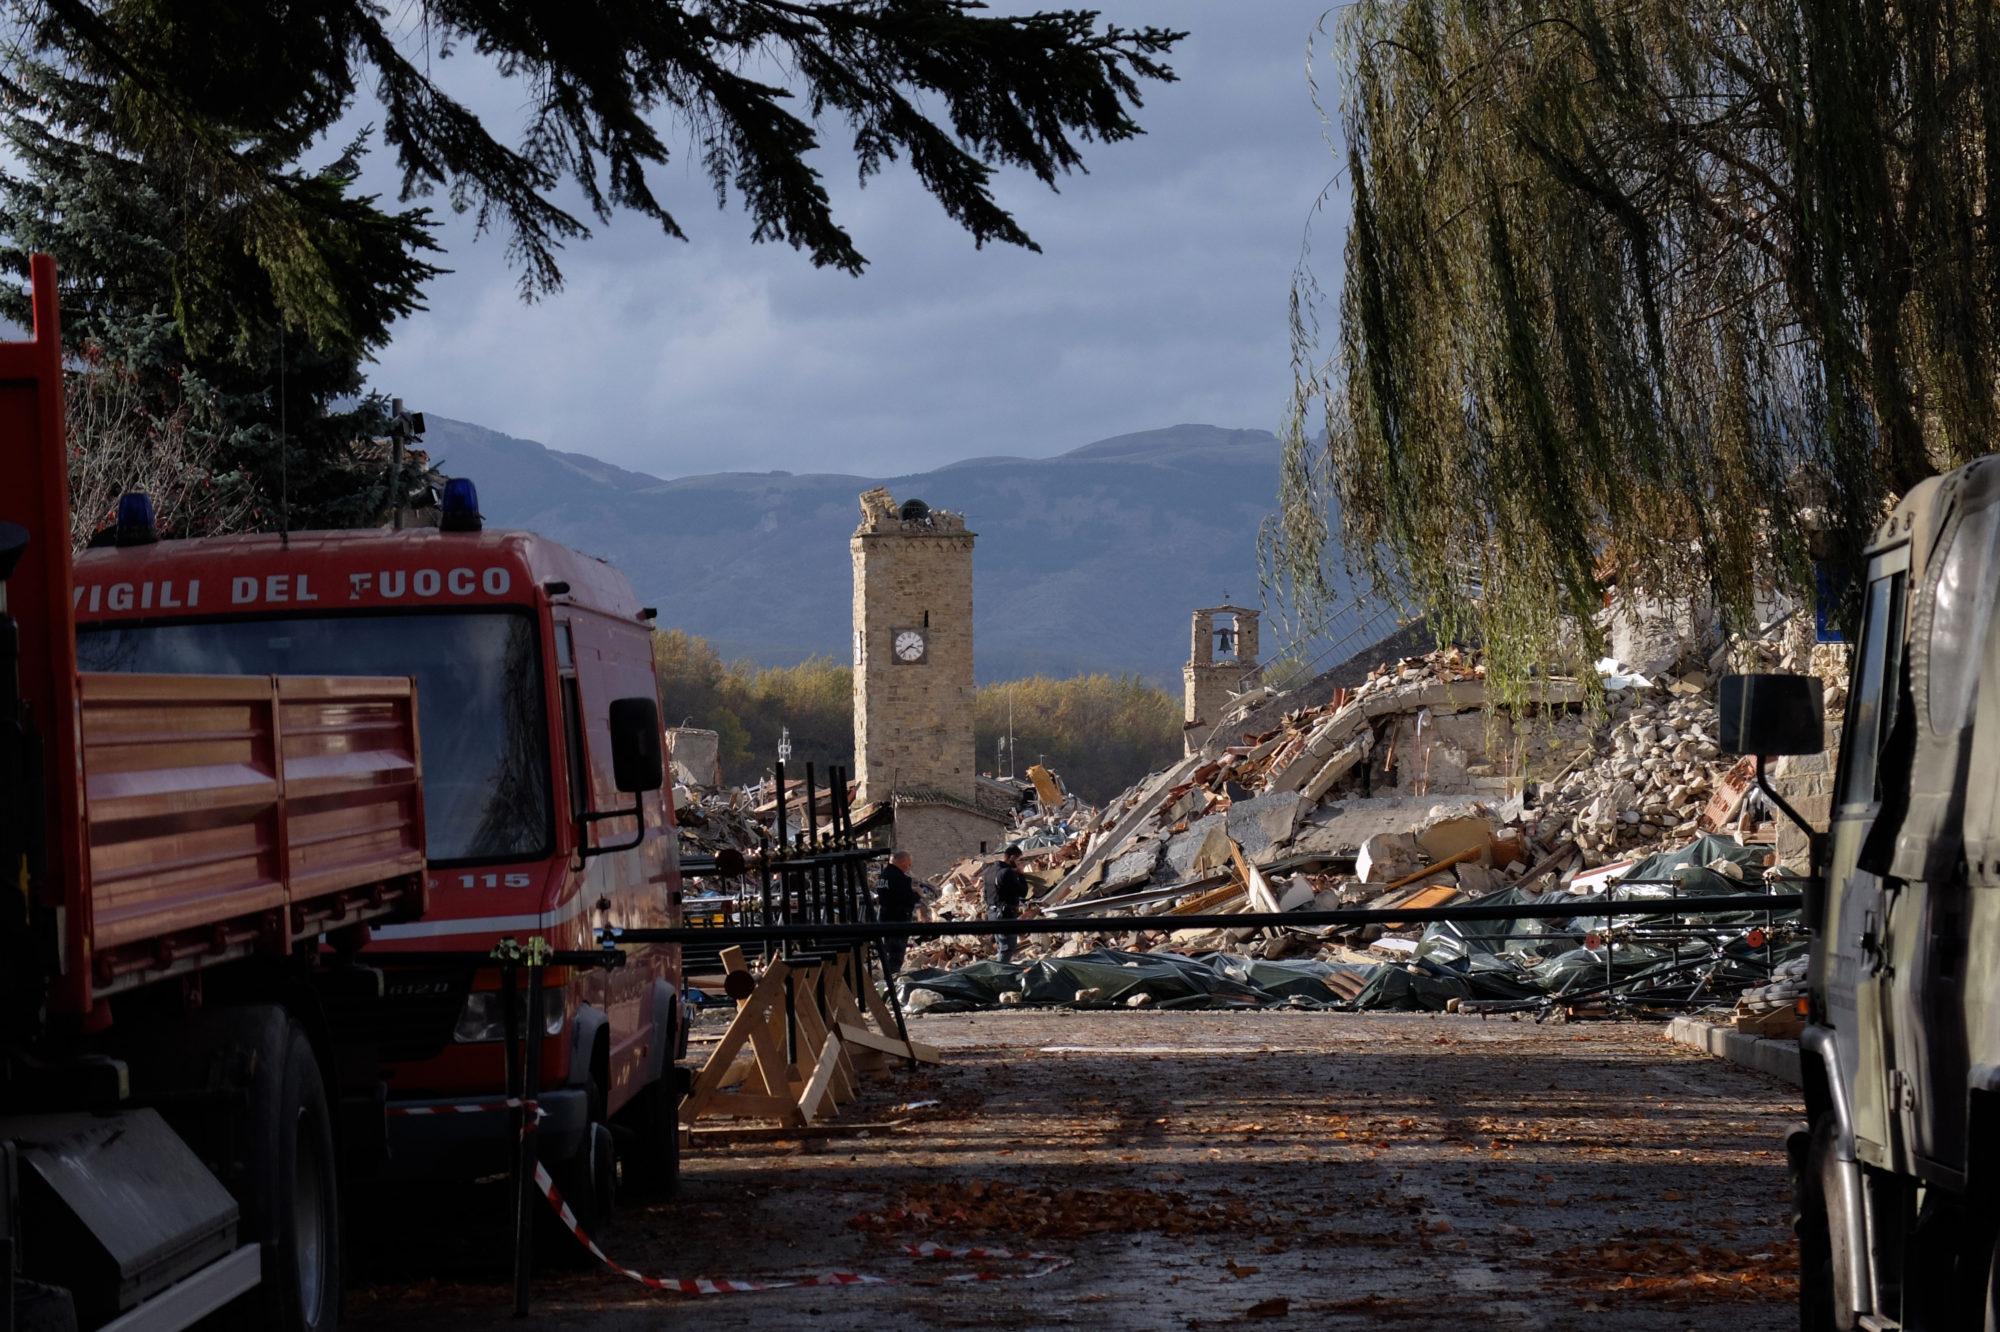 campanile crollato e vigili del fuoco